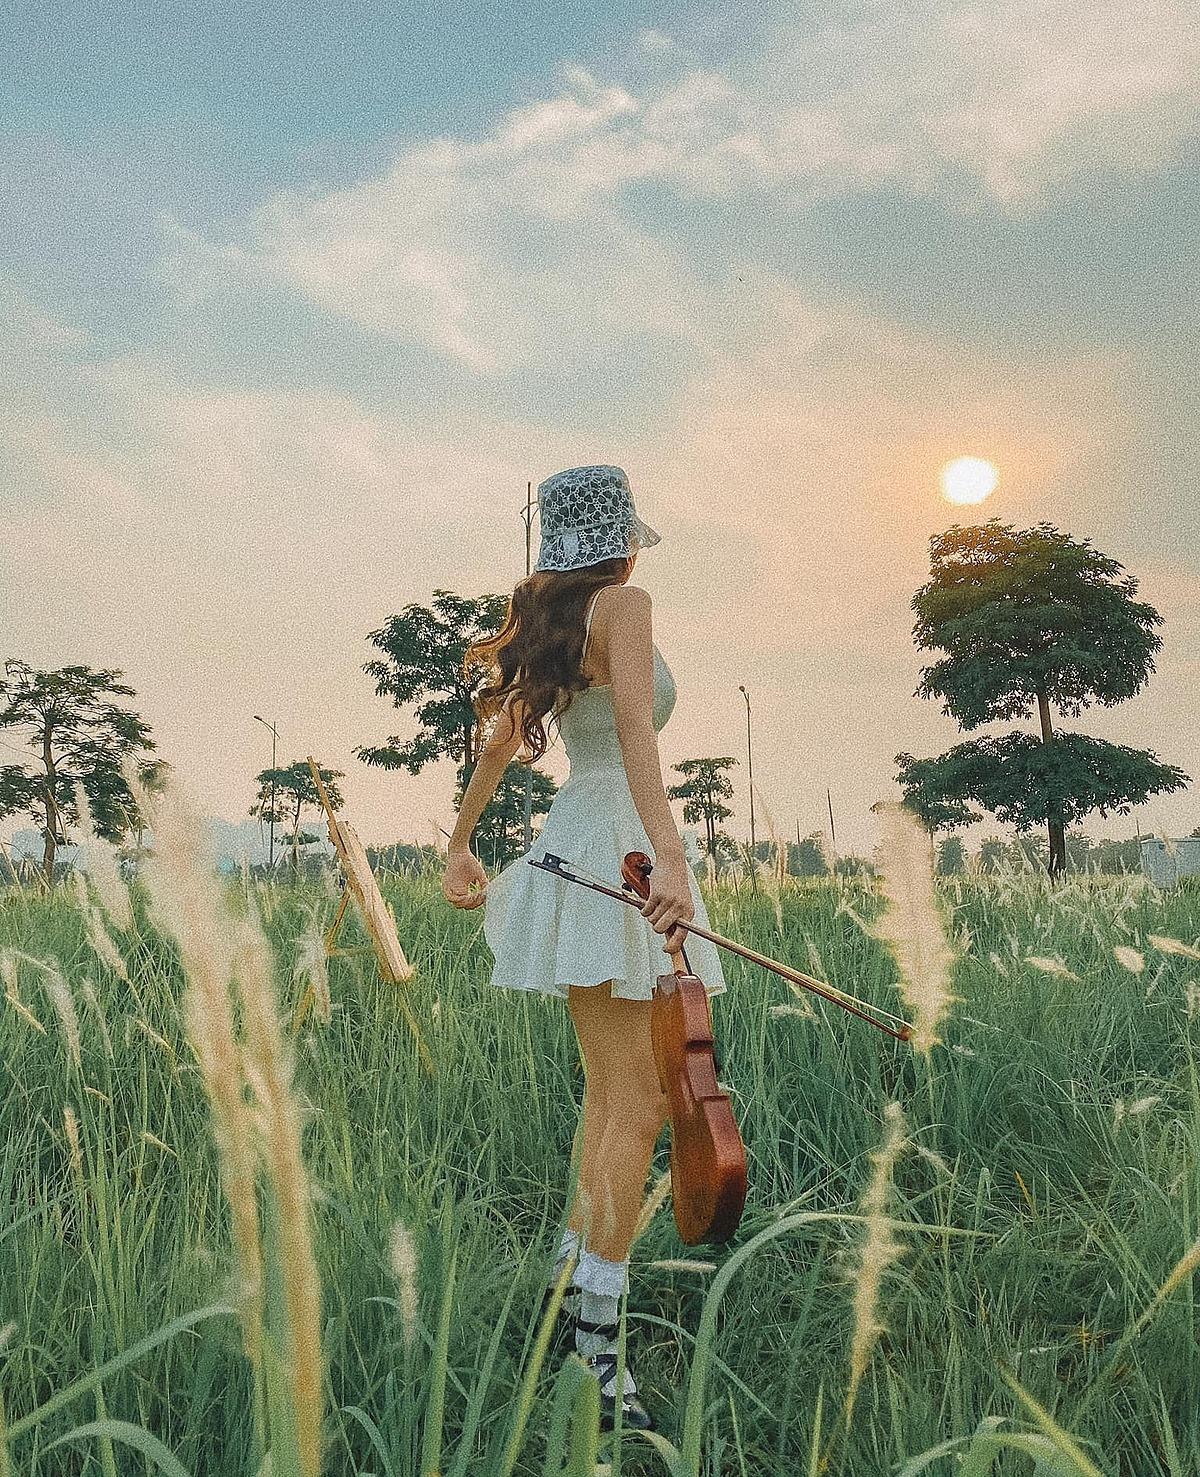 Bãi cỏ lau bạt ngàn hướng trọn view hoàng hôn nên rất thích hợp để chụp hình hay quay clip kỷ niệm. Thời gian chụp đẹp nhất là 16 - 17h. Ảnh: Phạm Lan Hương